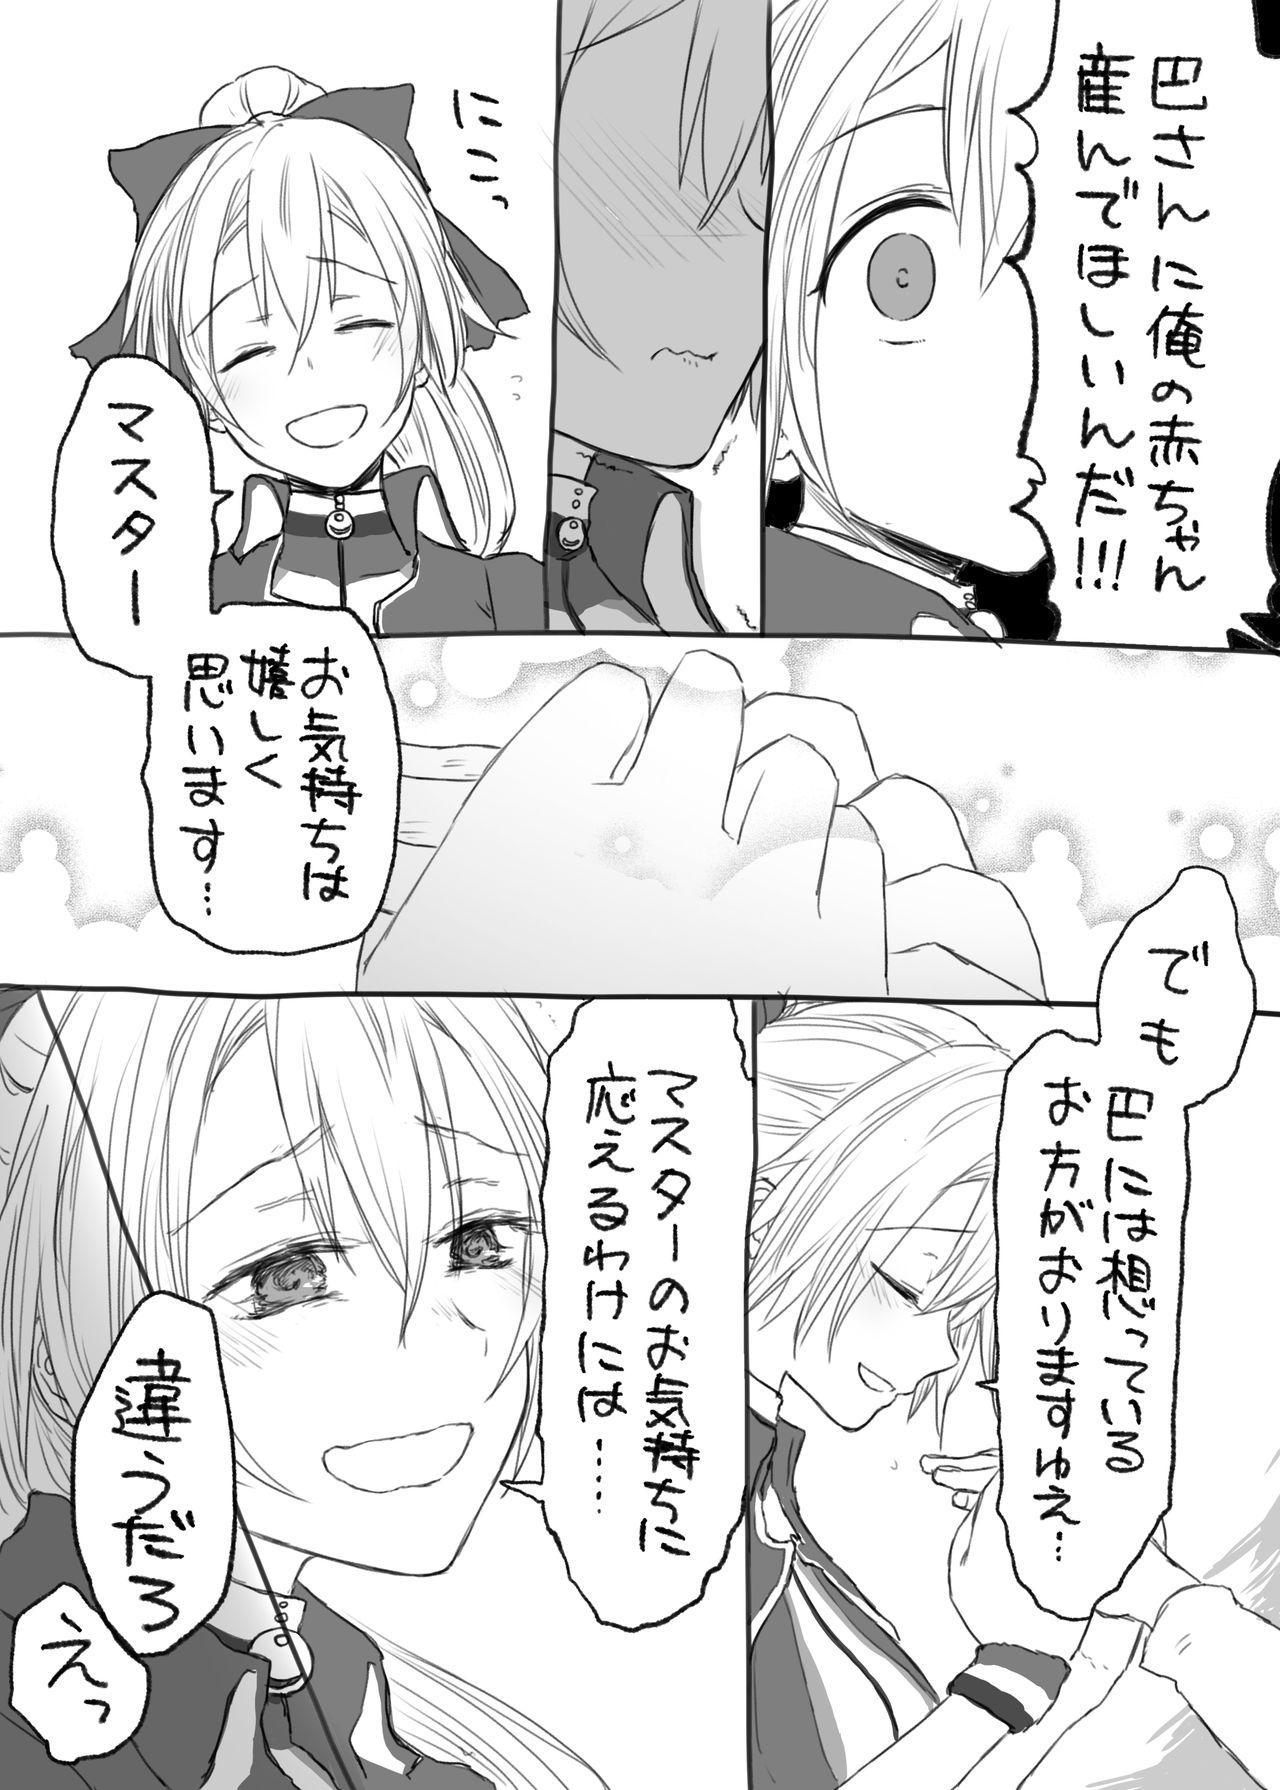 Uchi no Servant ni Haramasex shitaitte Itte mita 60